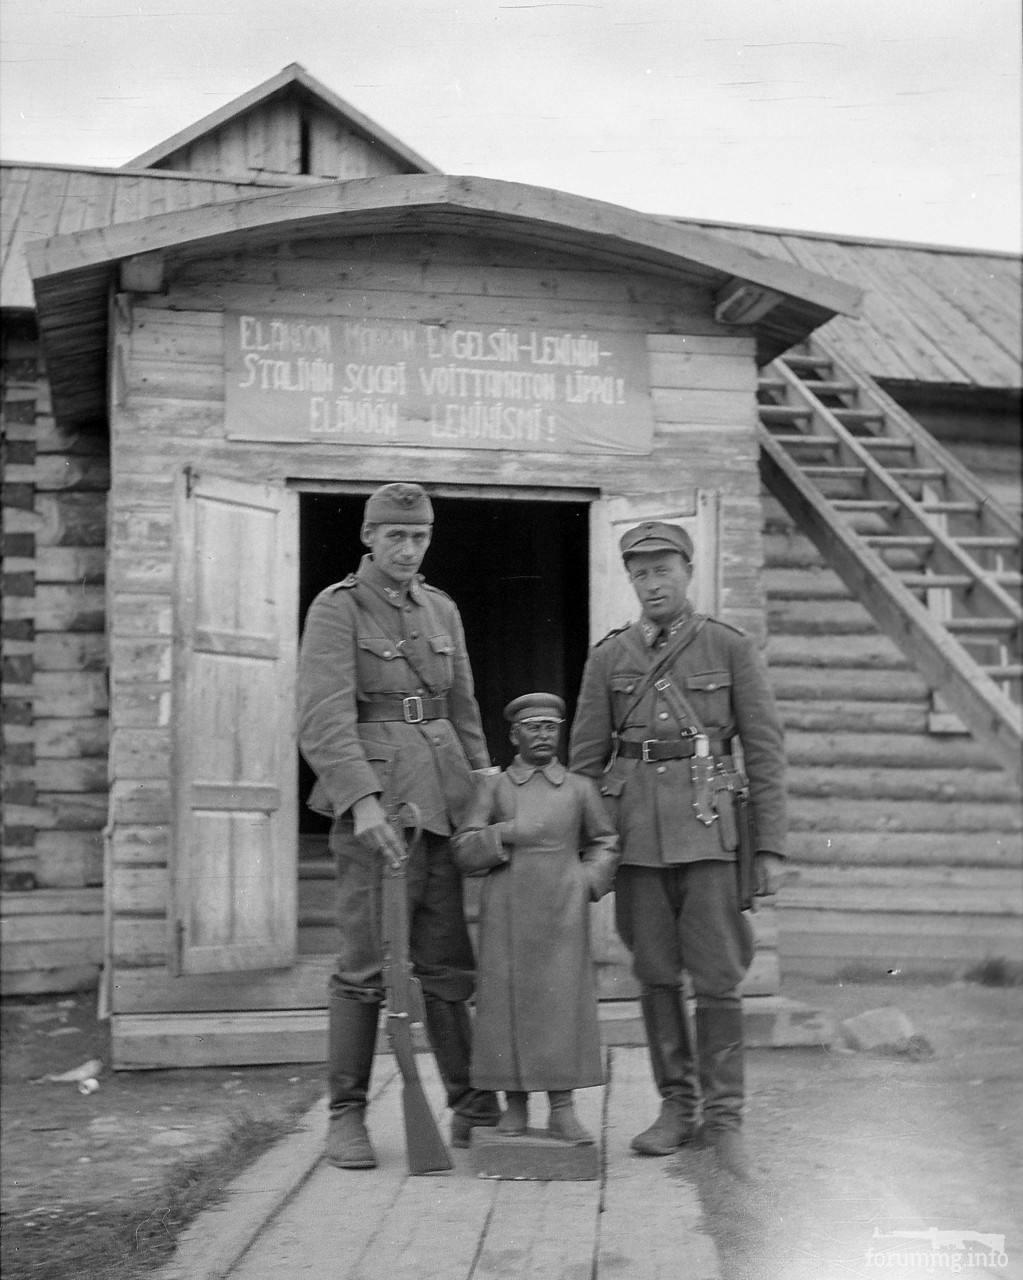 125336 - Восточный фронт - Карелия